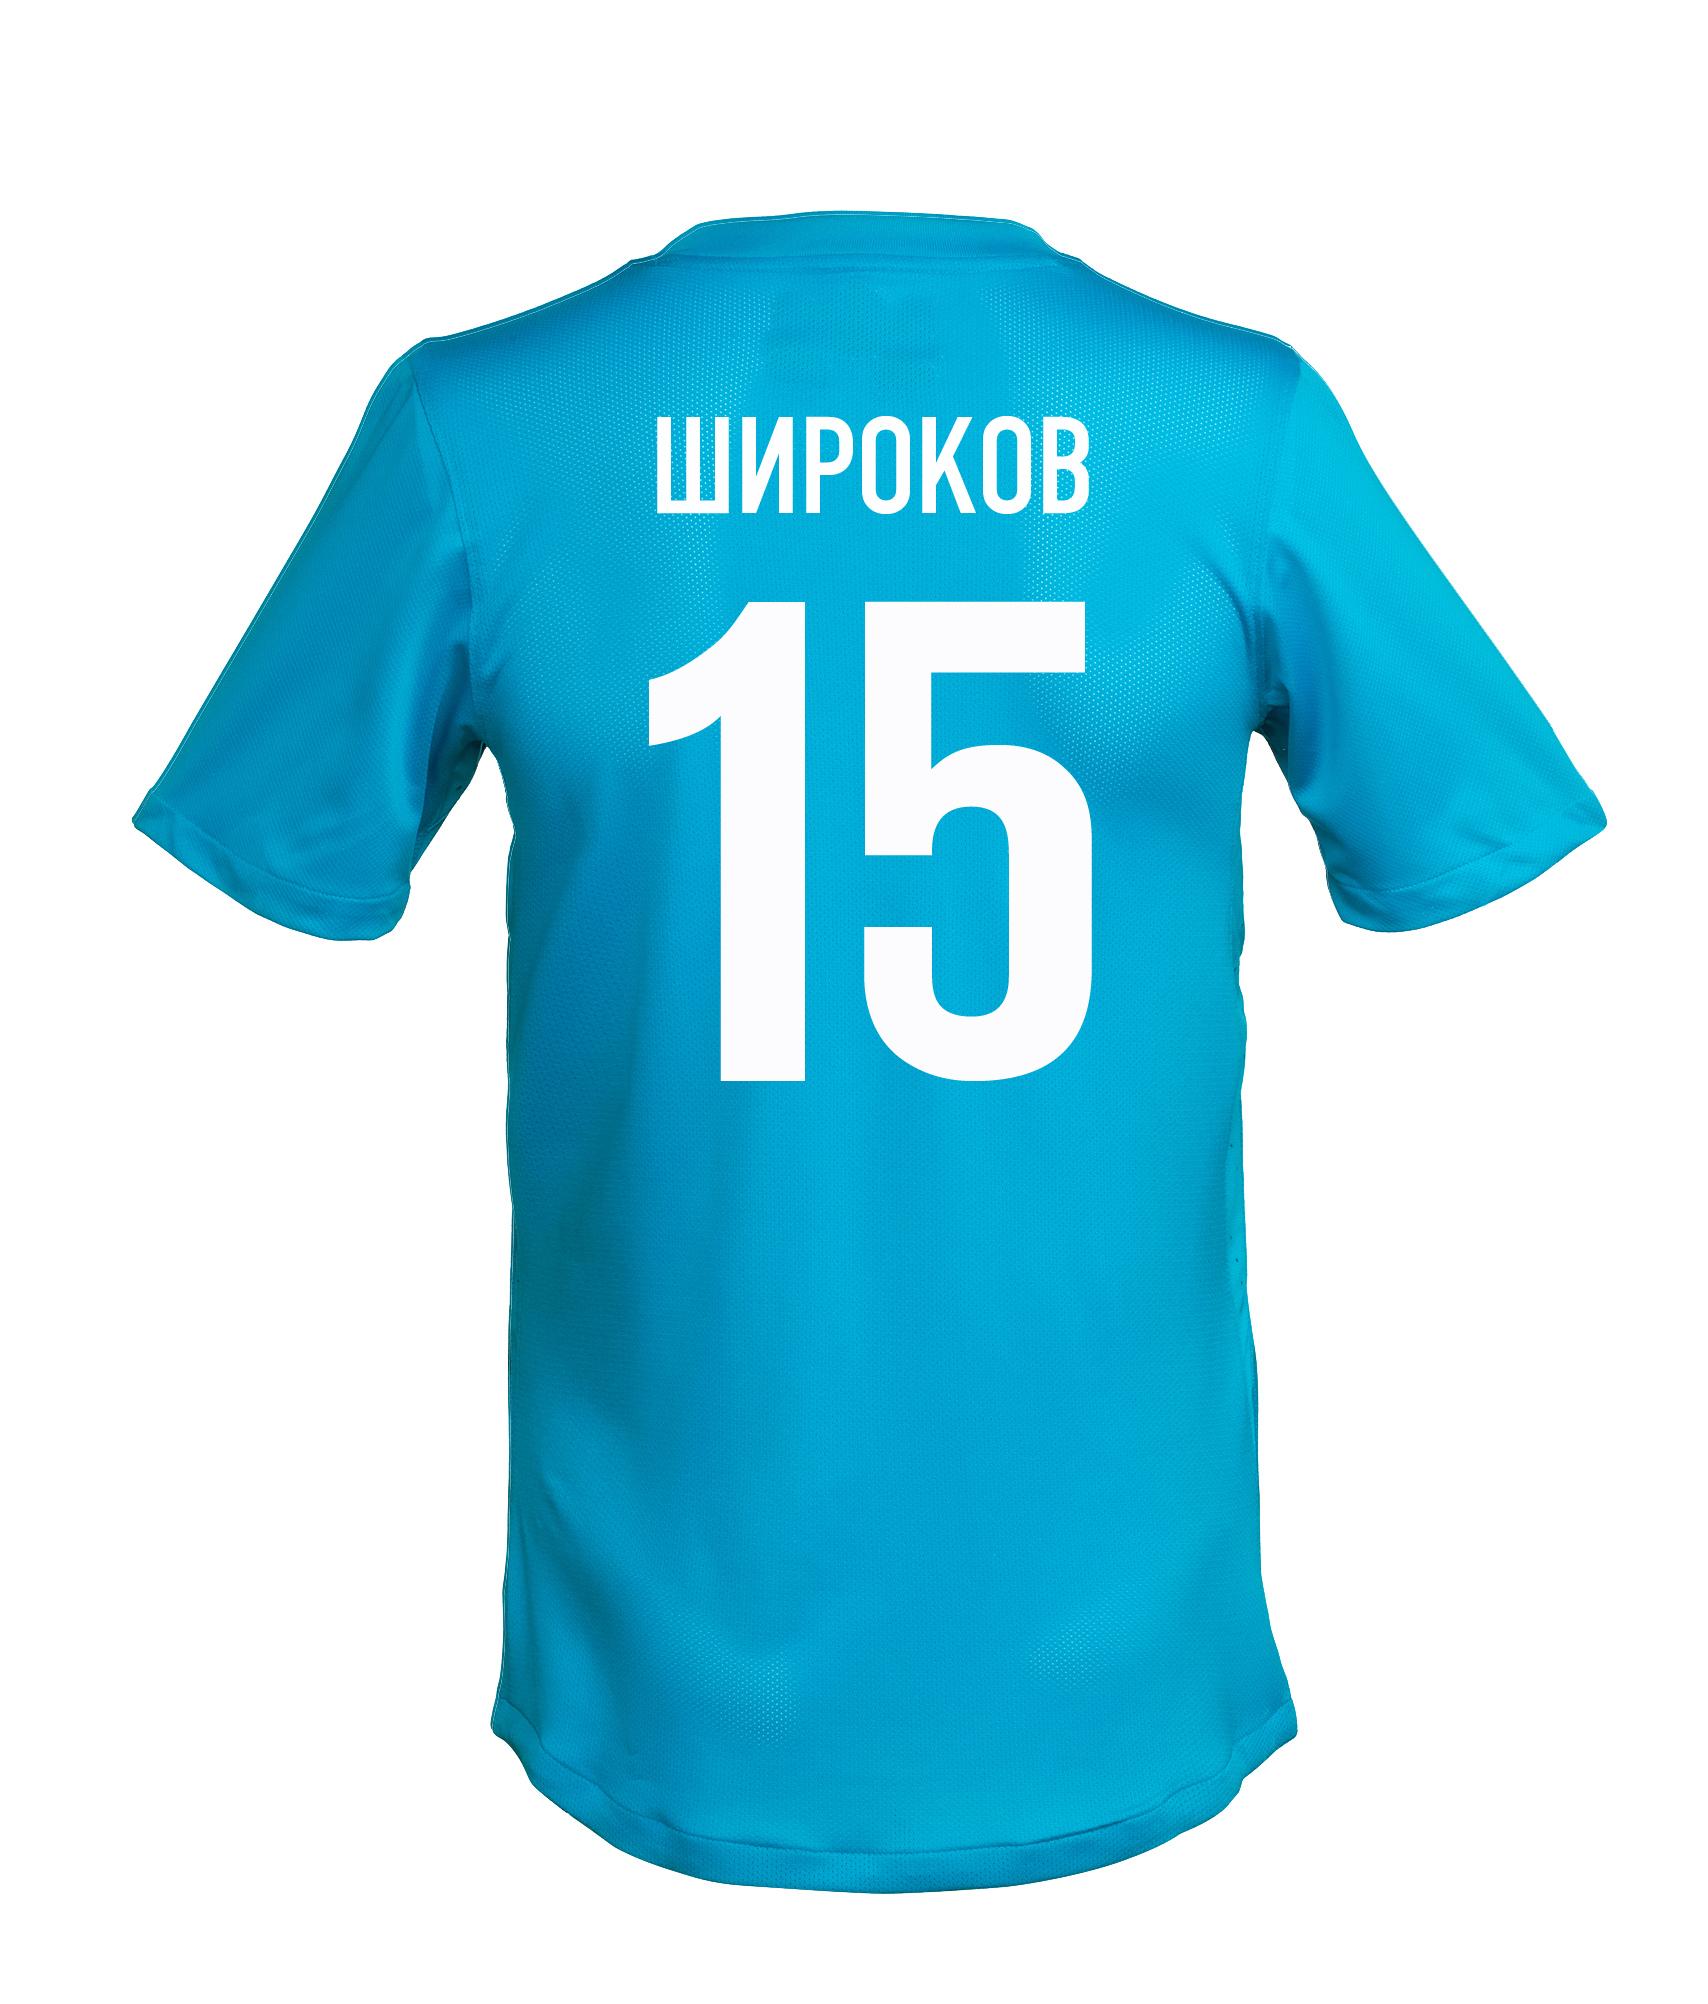 Игровая футболка с фамилией и номером Р. Широкова, Цвет-Синий, Размер-XL